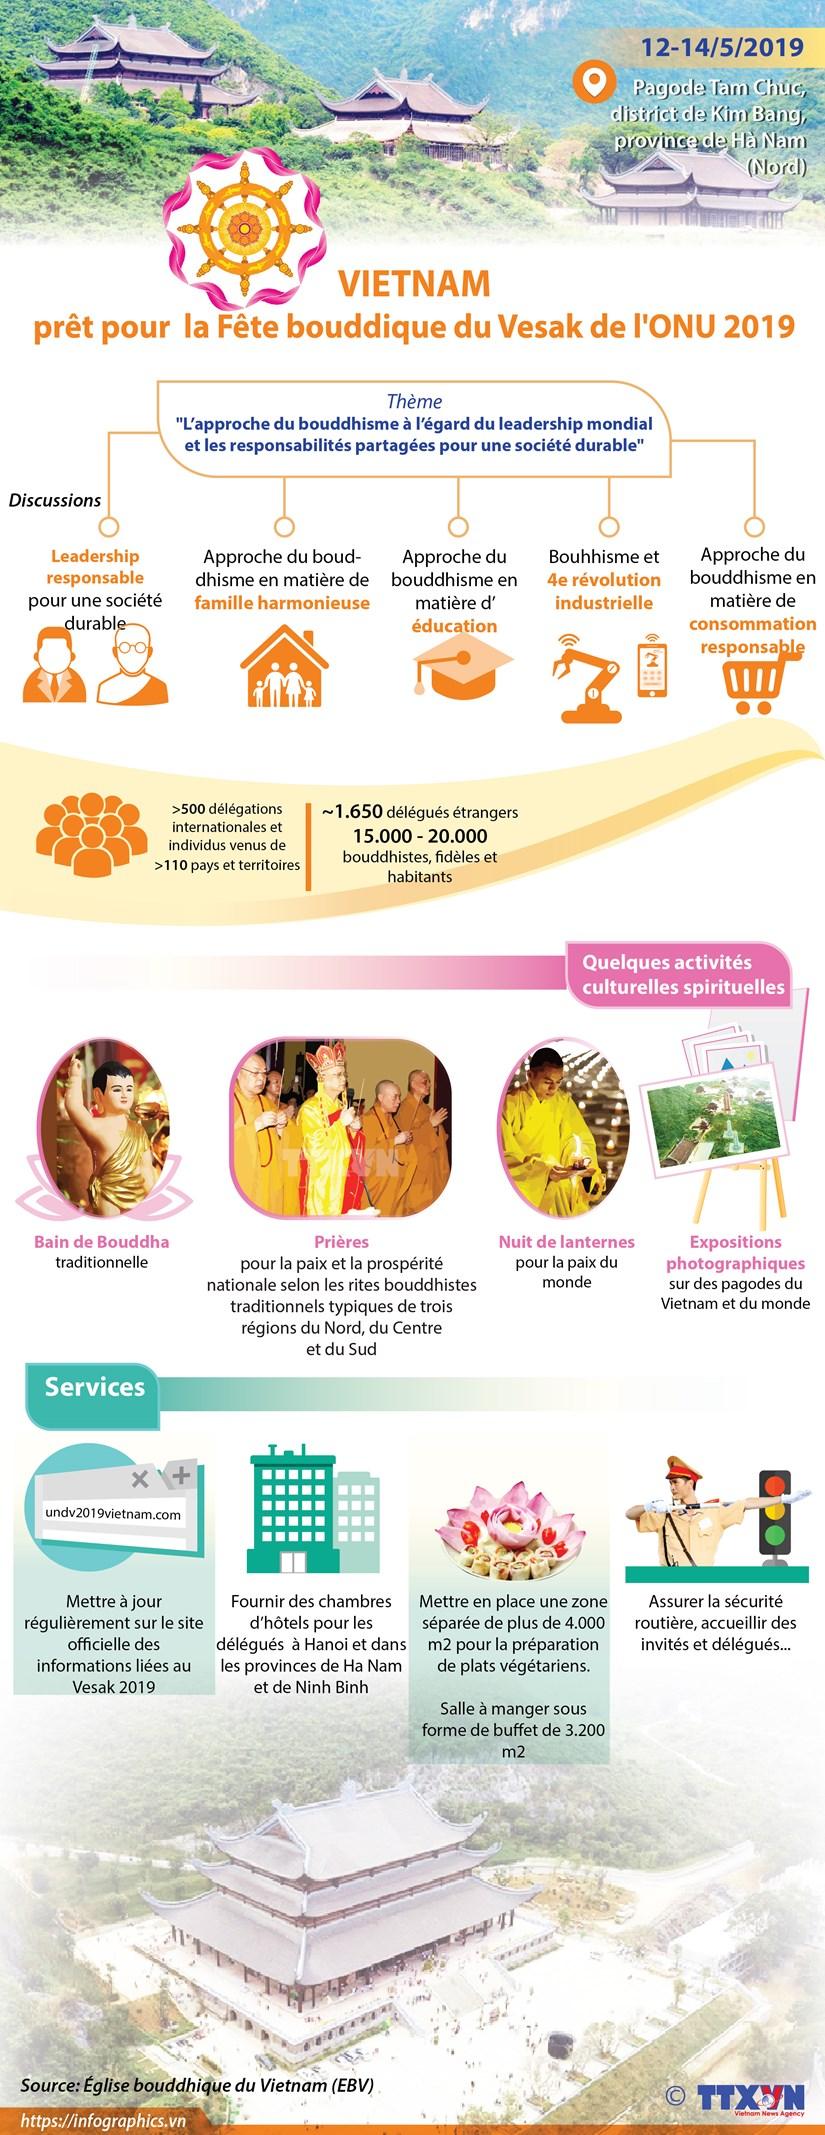 Le Vietnam est pret pour la Fete bouddique du Vesak de l'ONU 2019 hinh anh 1